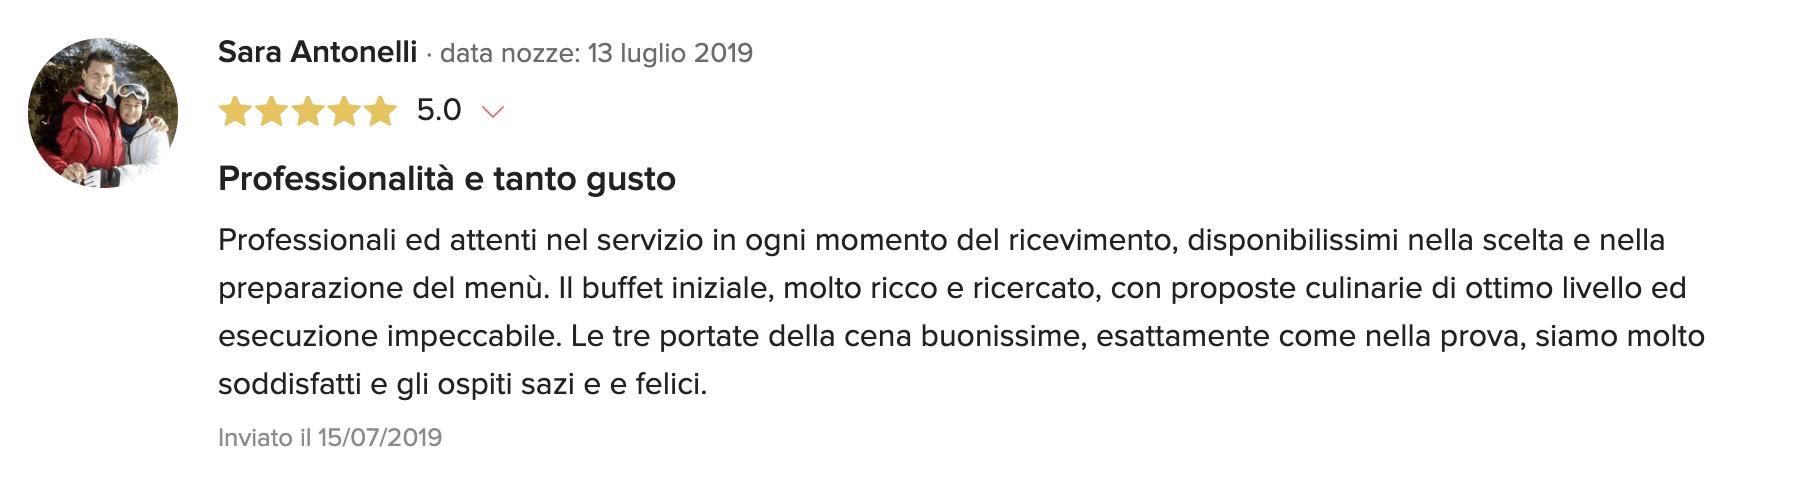 Recenzione_04